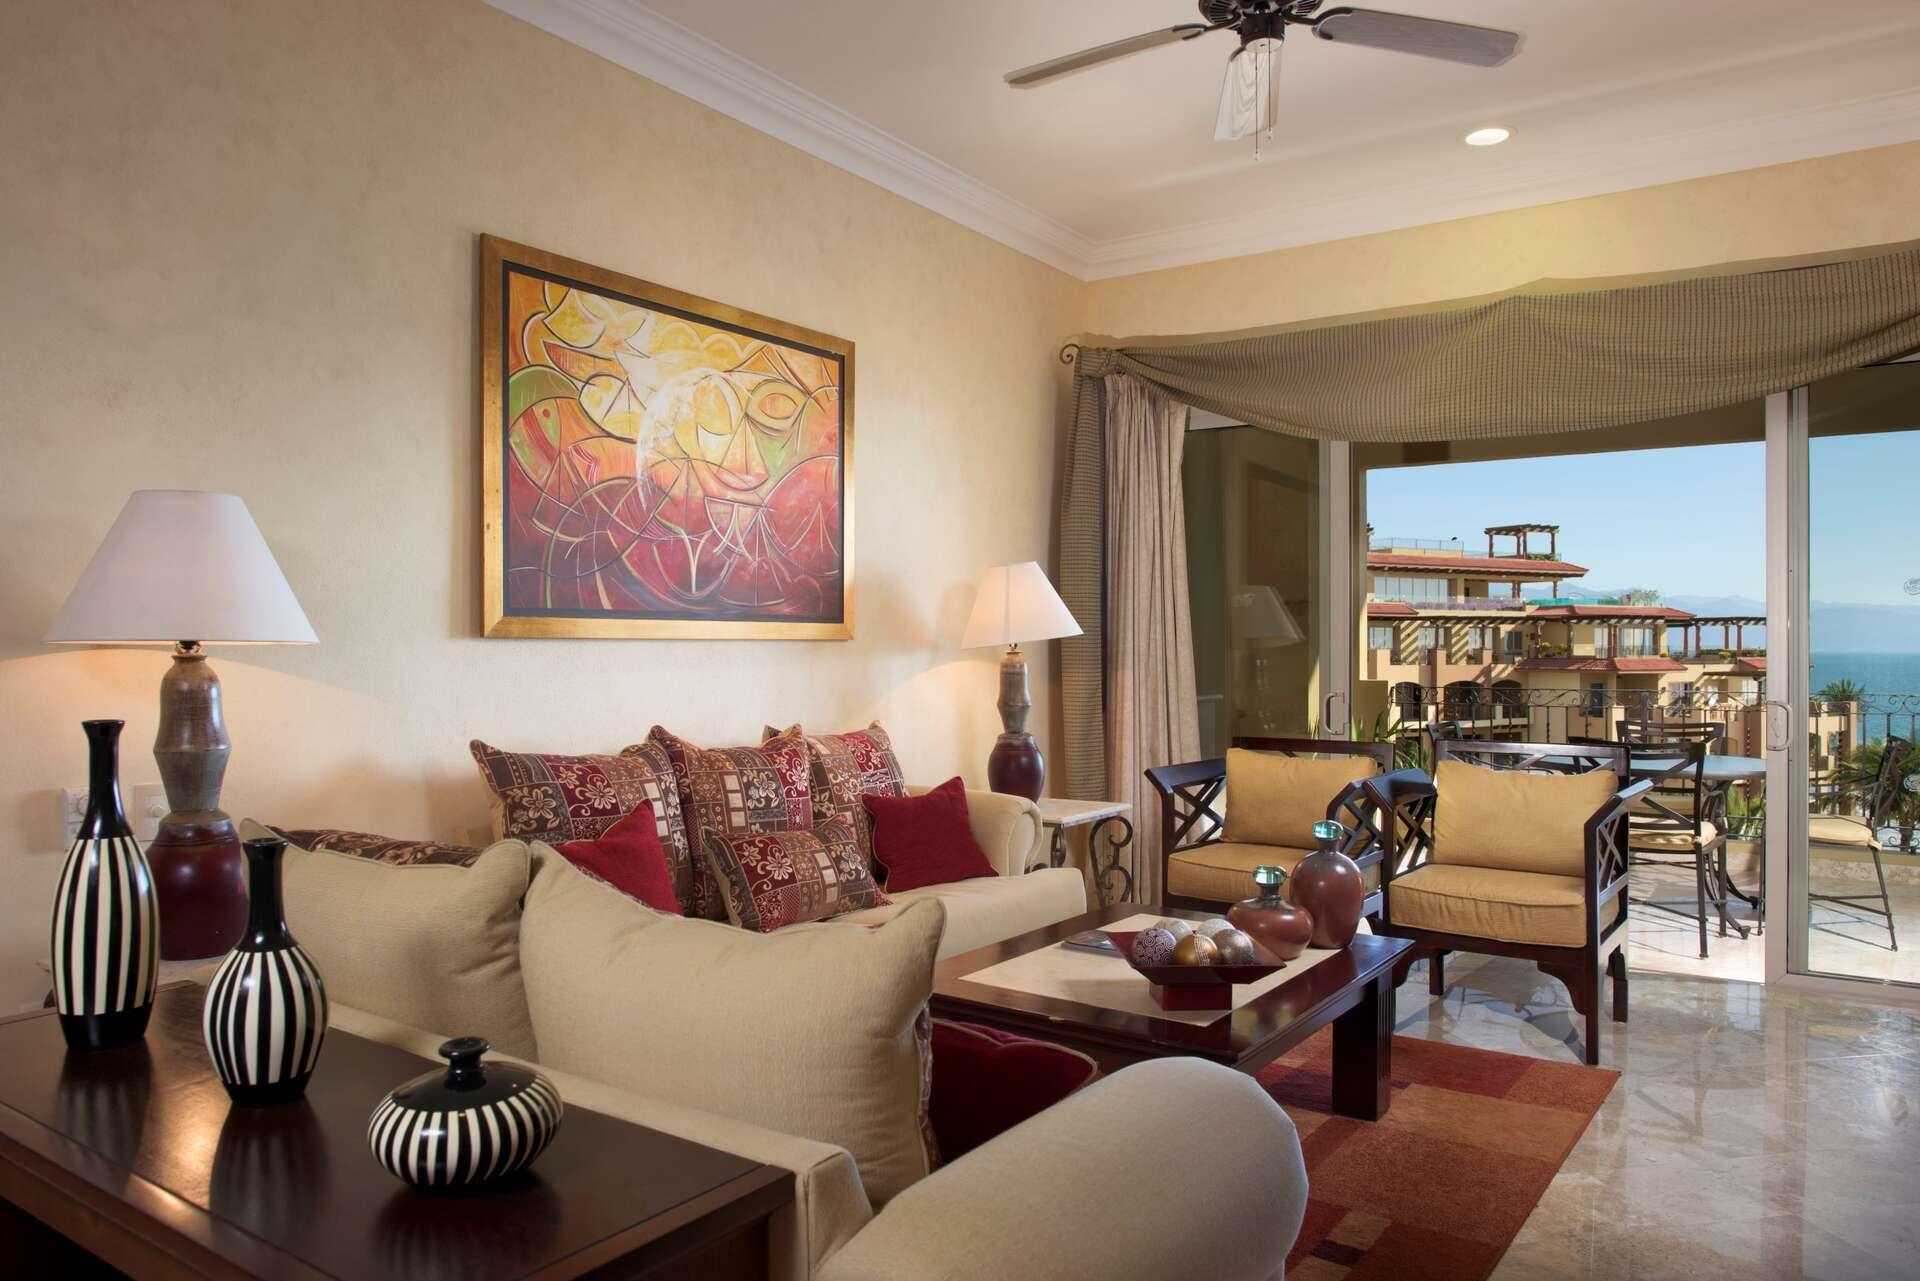 Luxury vacation rentals mexico - Nuevo vallarta - Villa la estancia riviera nayarit - Three Bedroom Suite - Image 1/28